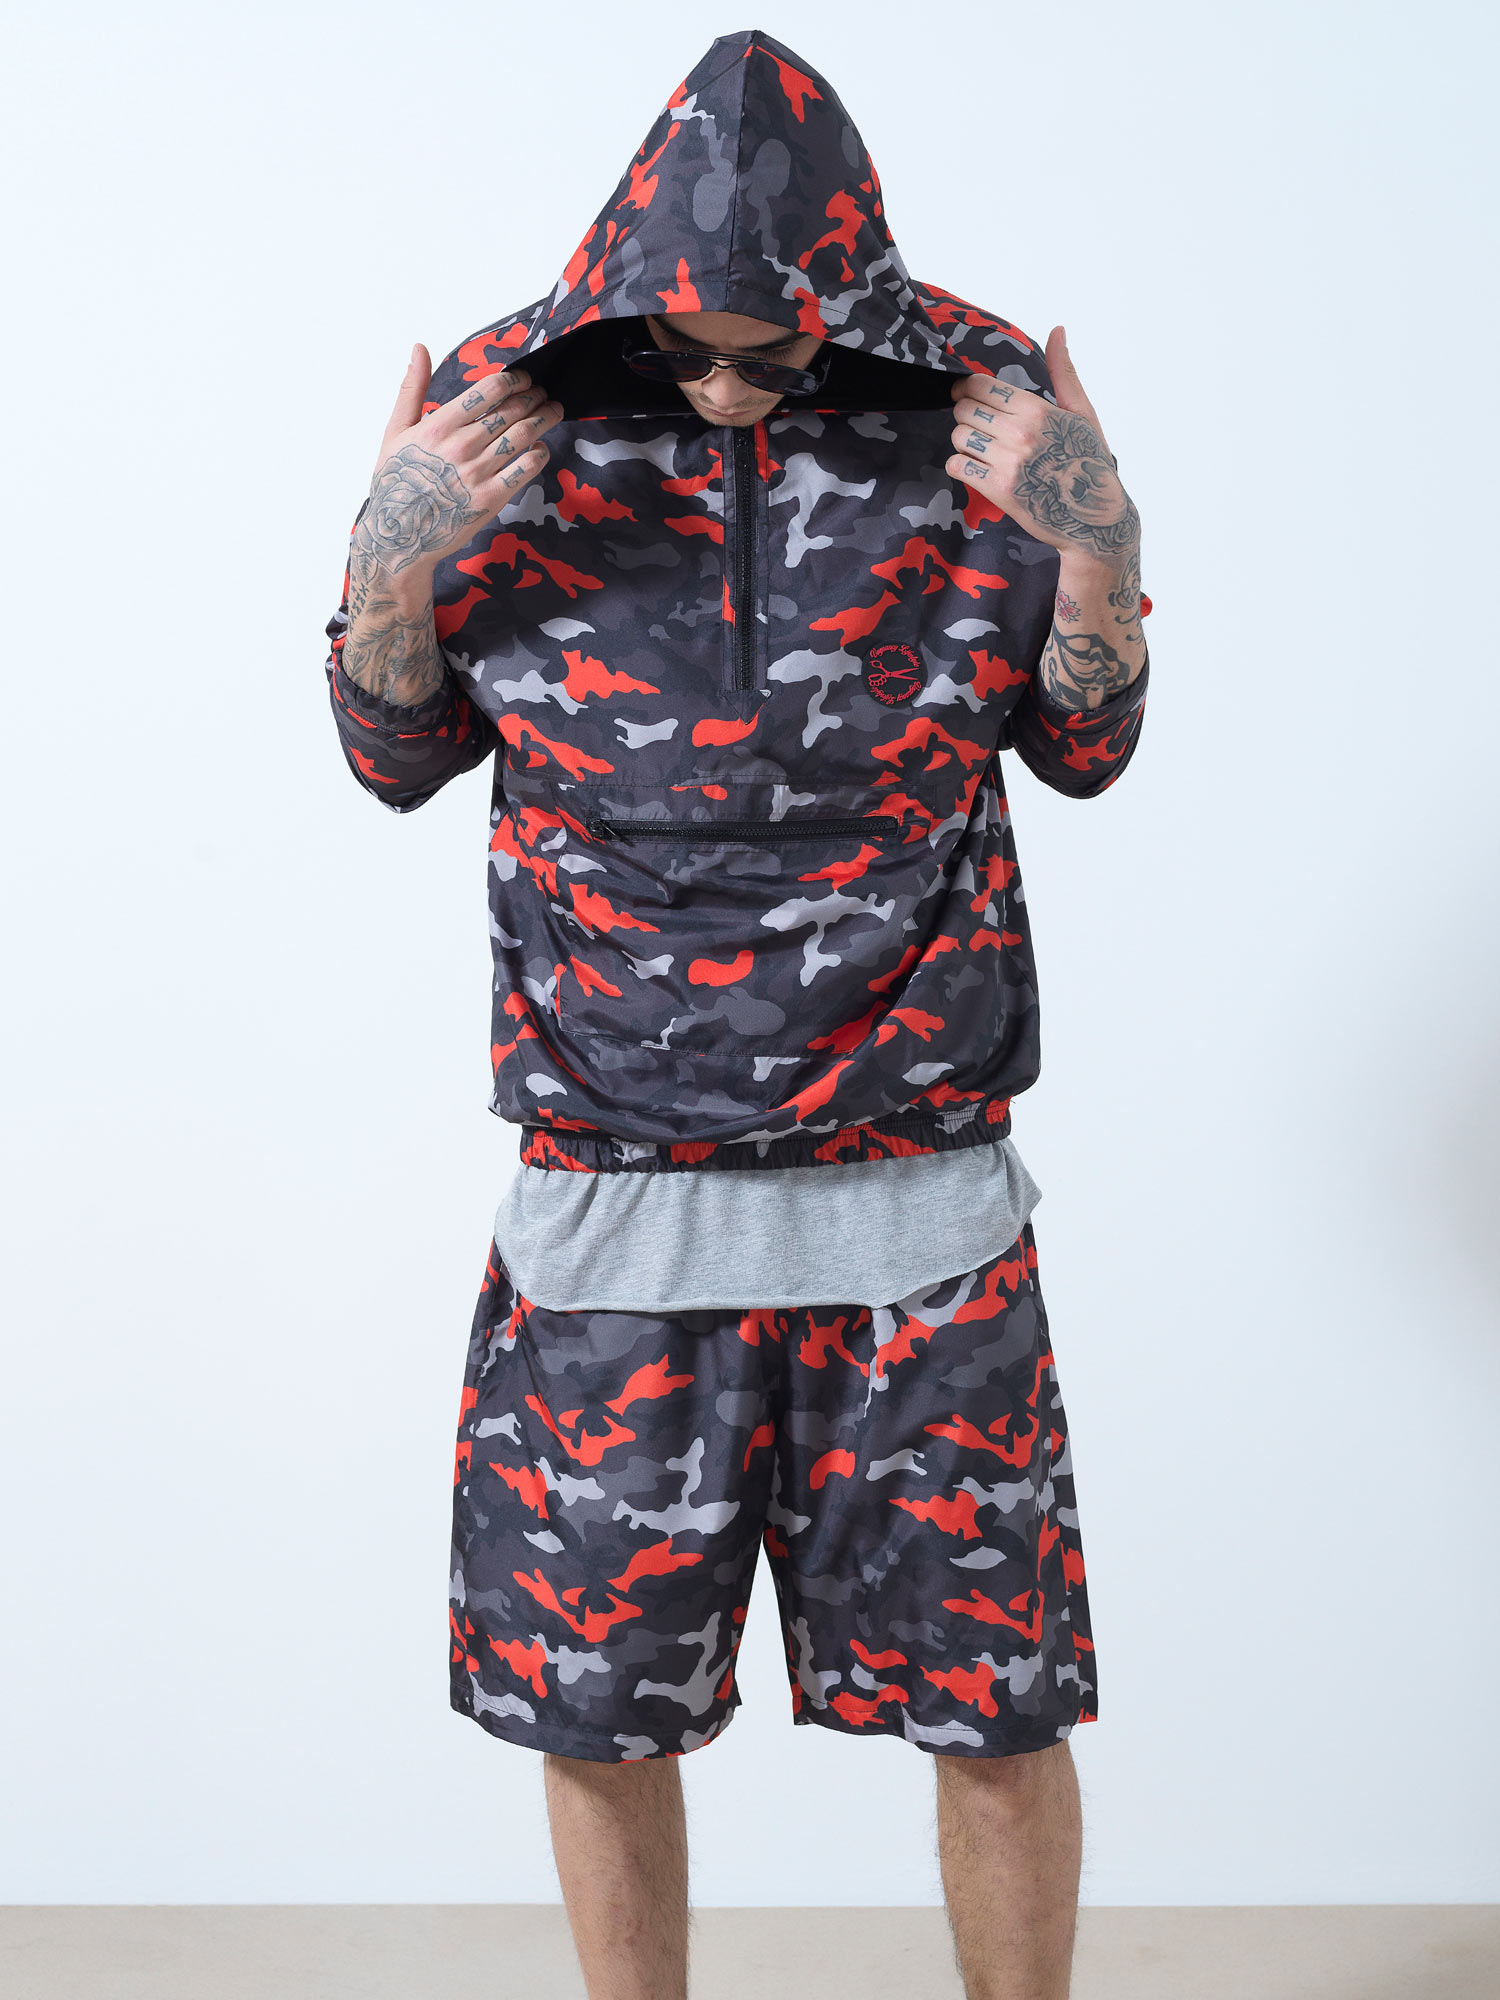 Camo Army Shorts